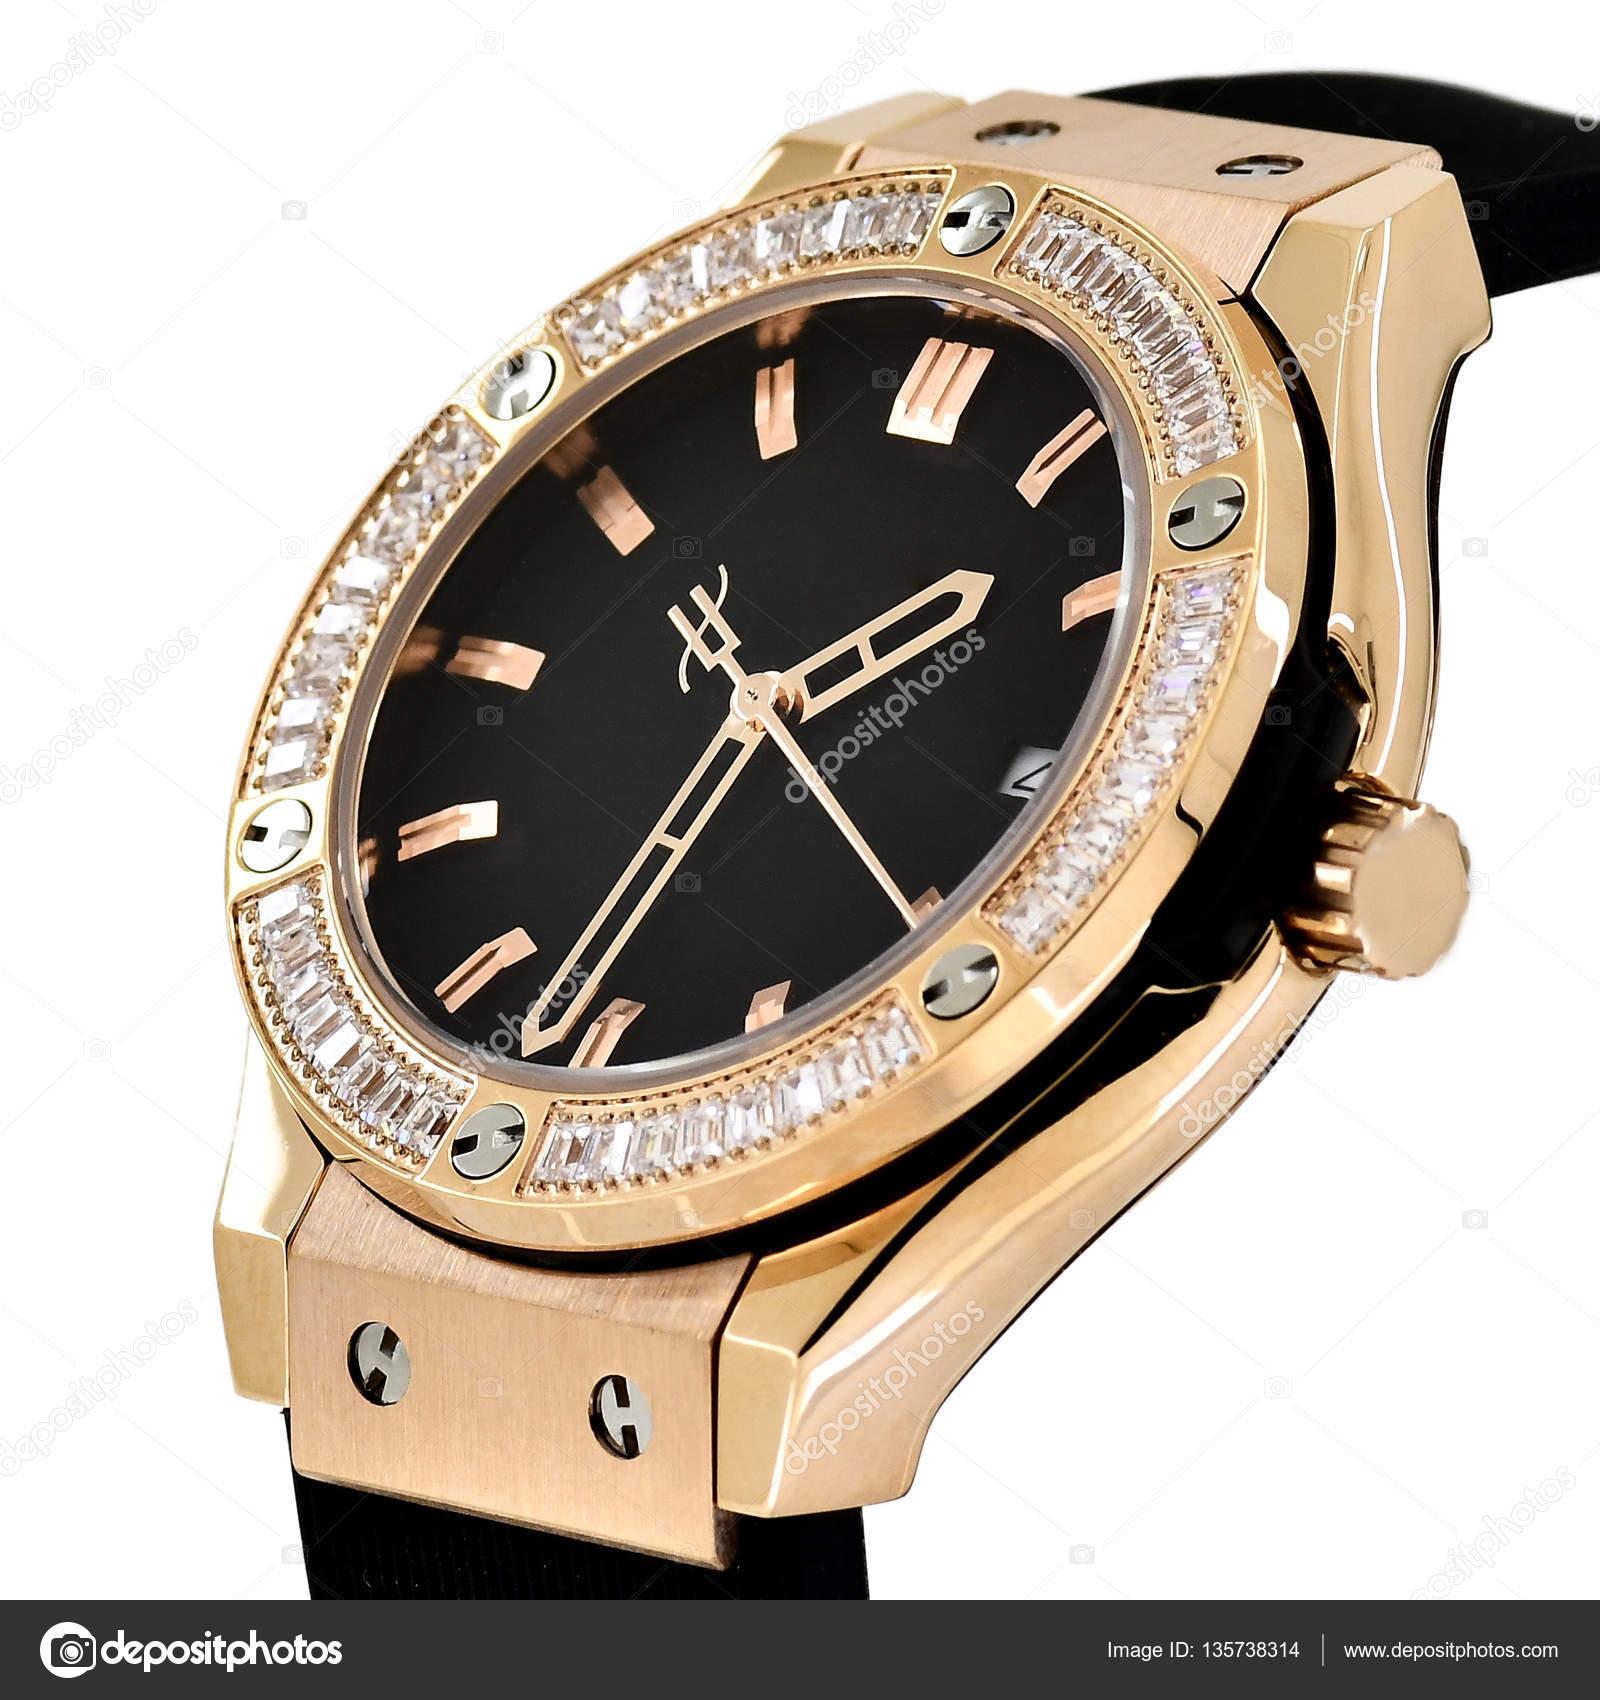 a5546e21ee5b Reloj de pulsera relojes para hombres y mujeres — Foto de Stock